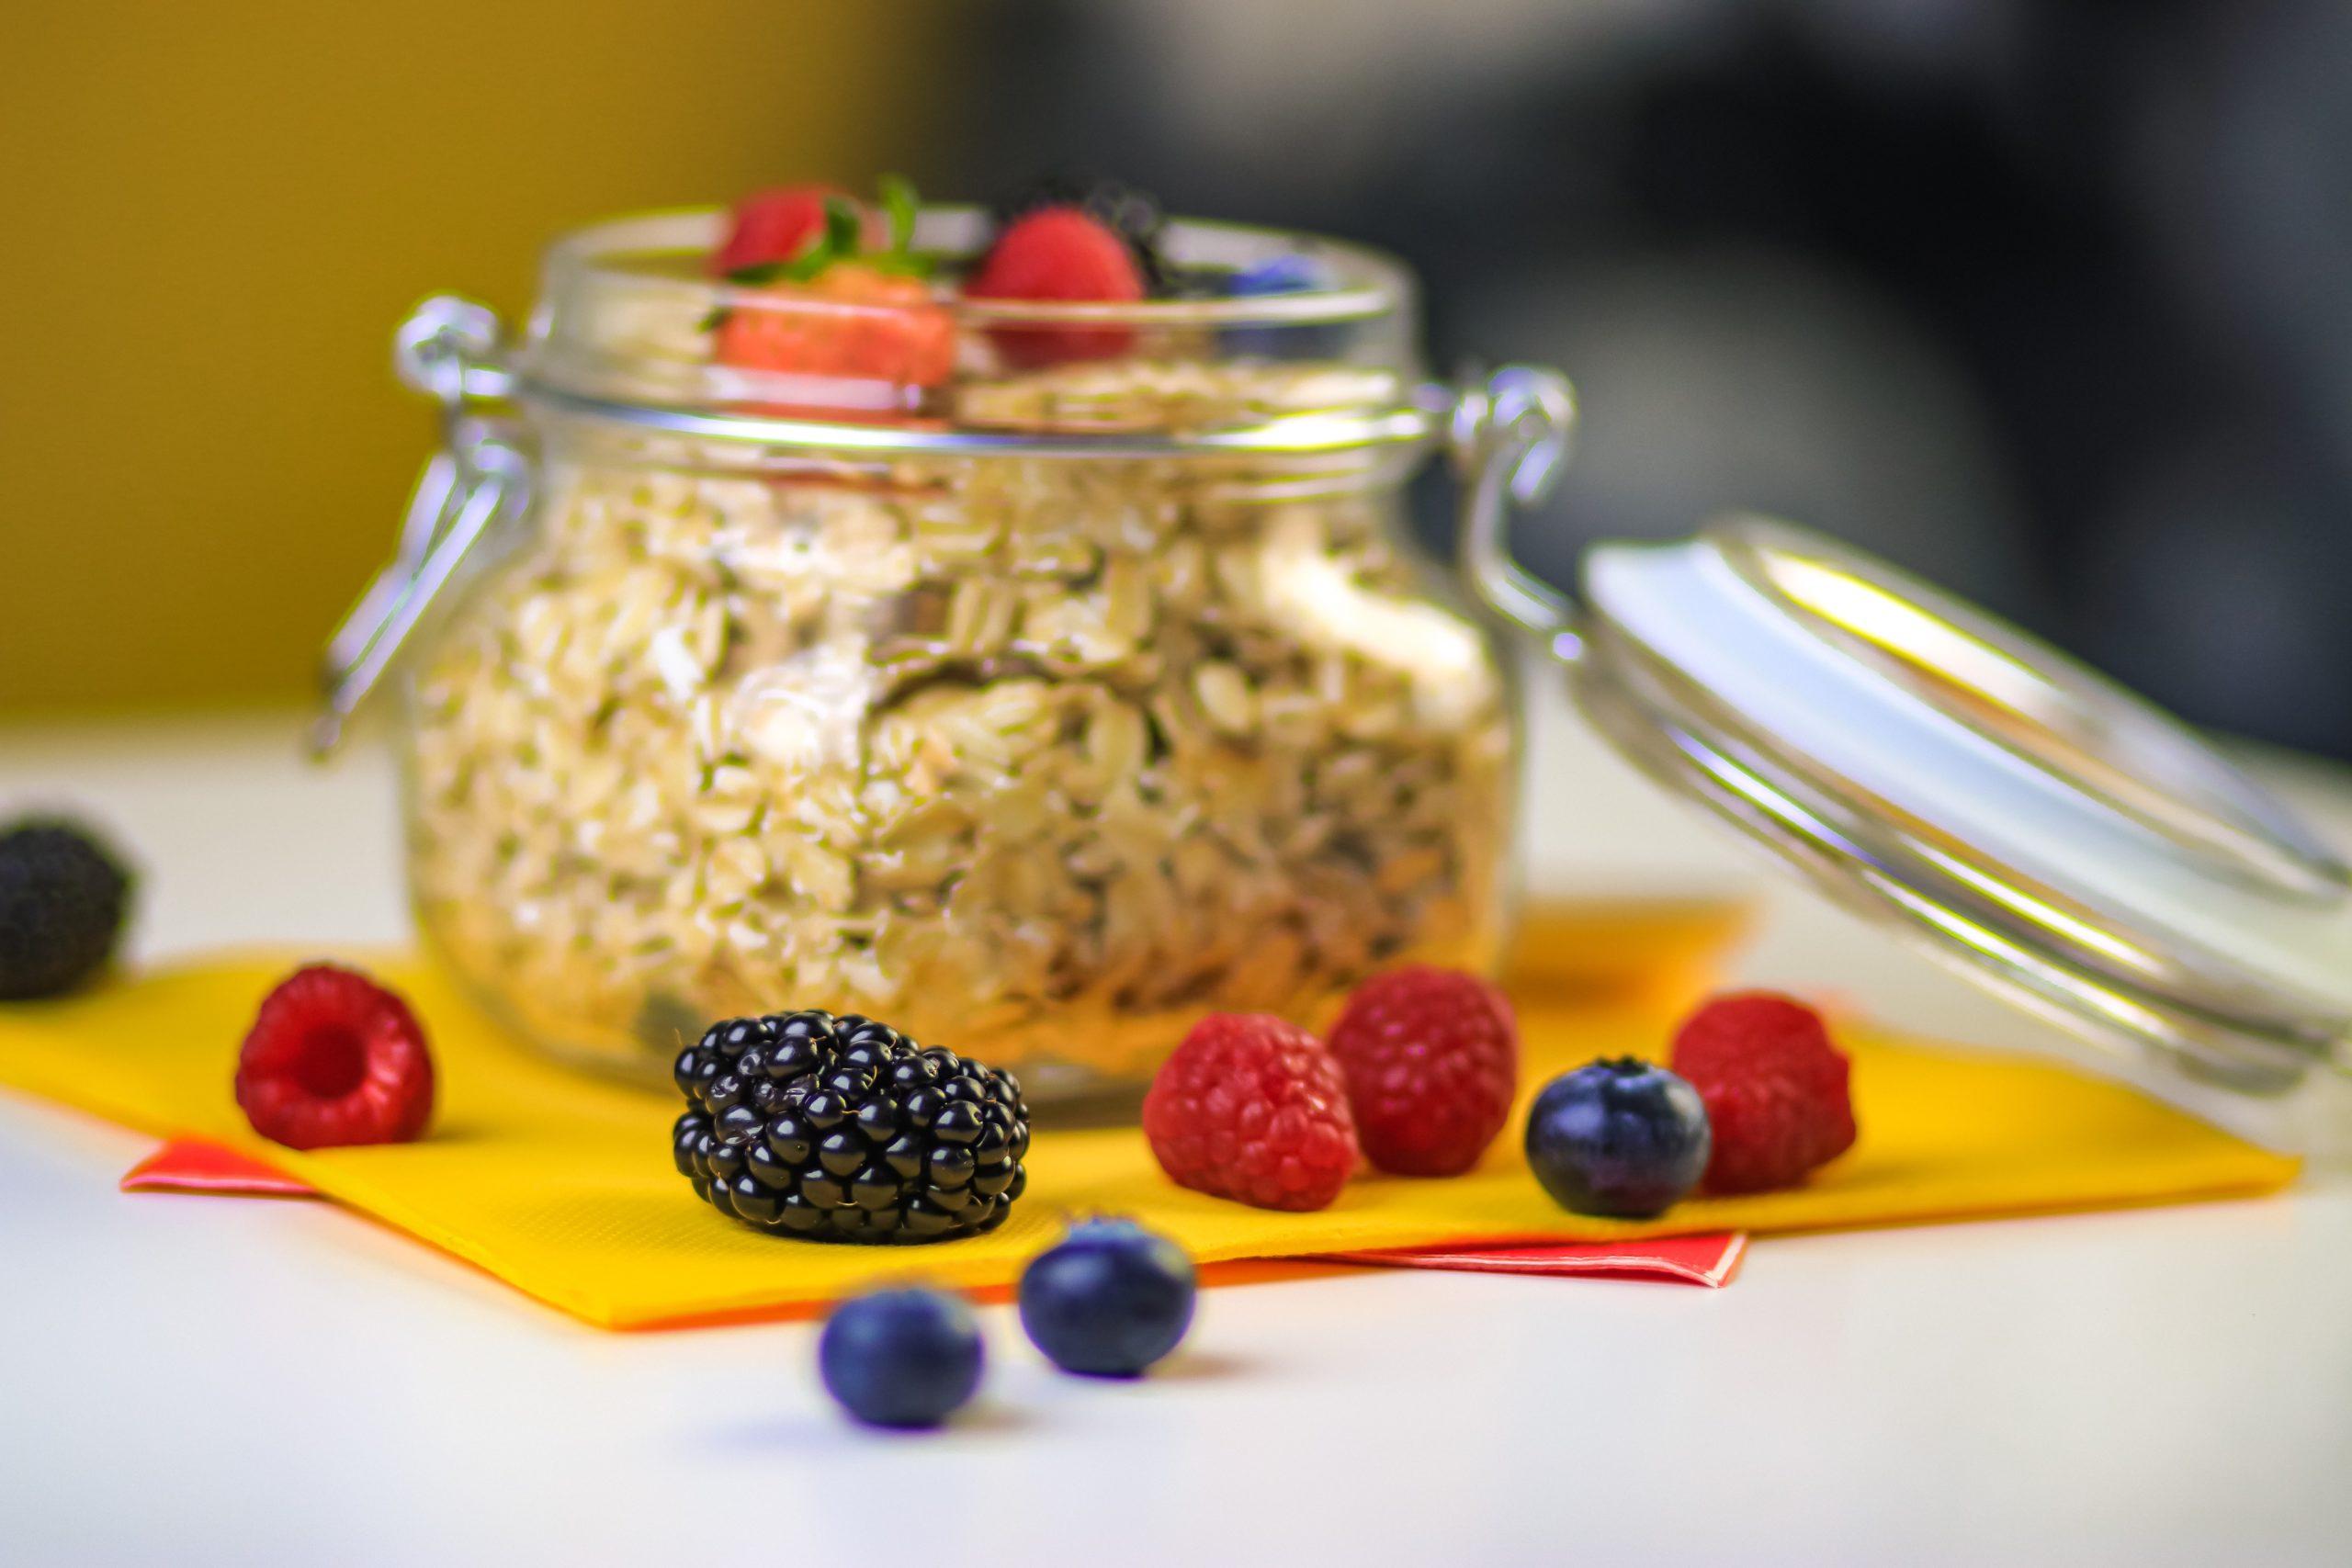 Zdrowie i uroda - Płatki śniadaniowe - które wybrać? 2